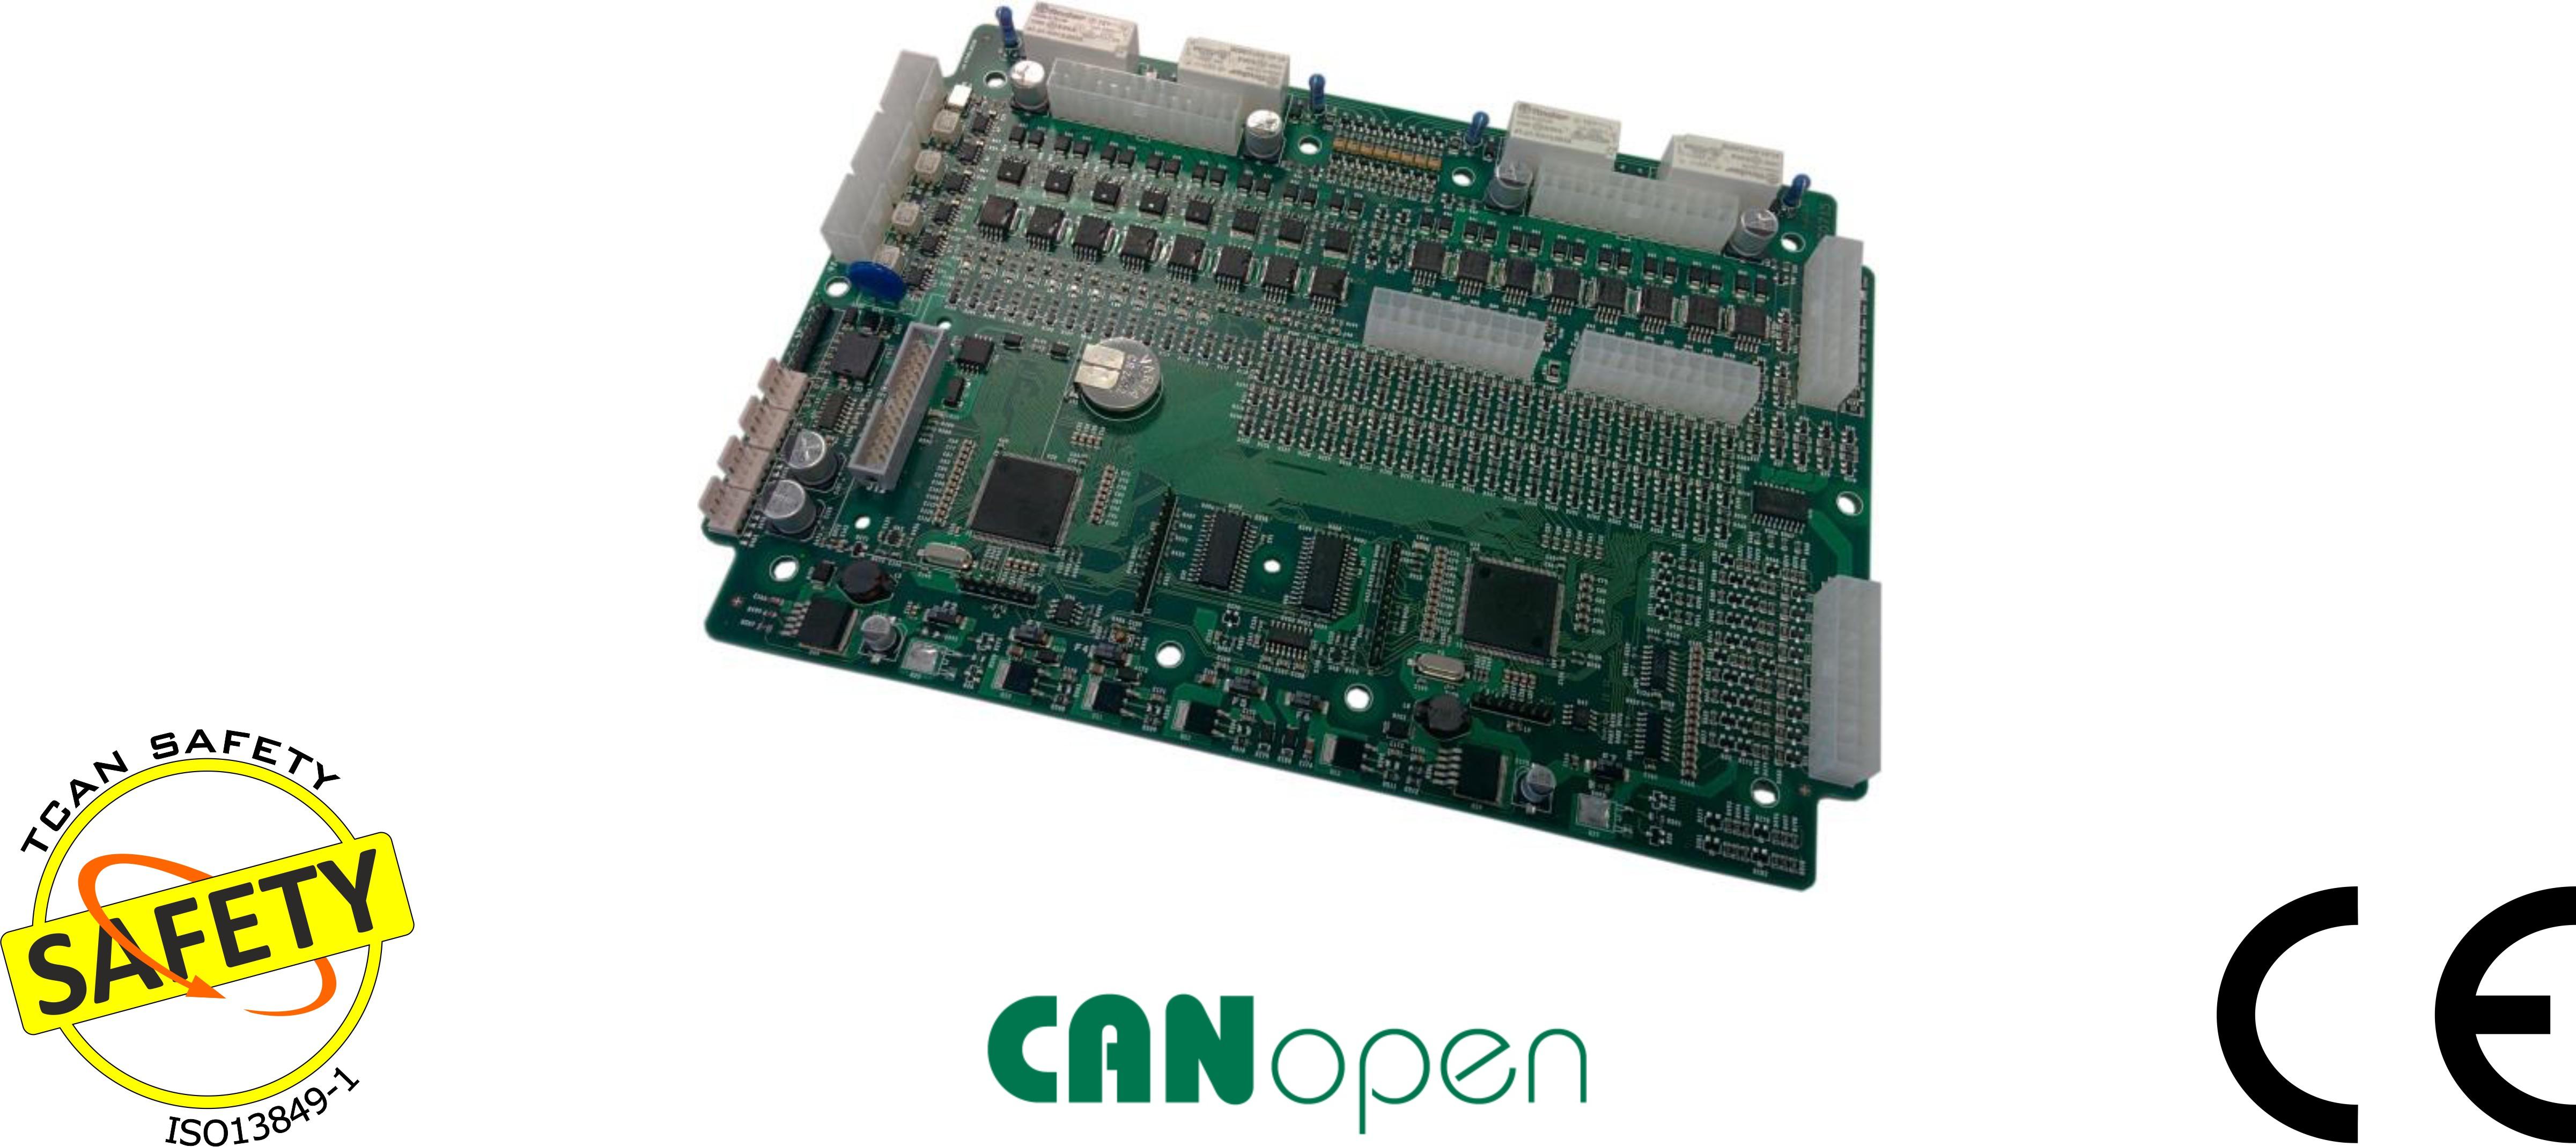 TCAN-MU3S Image